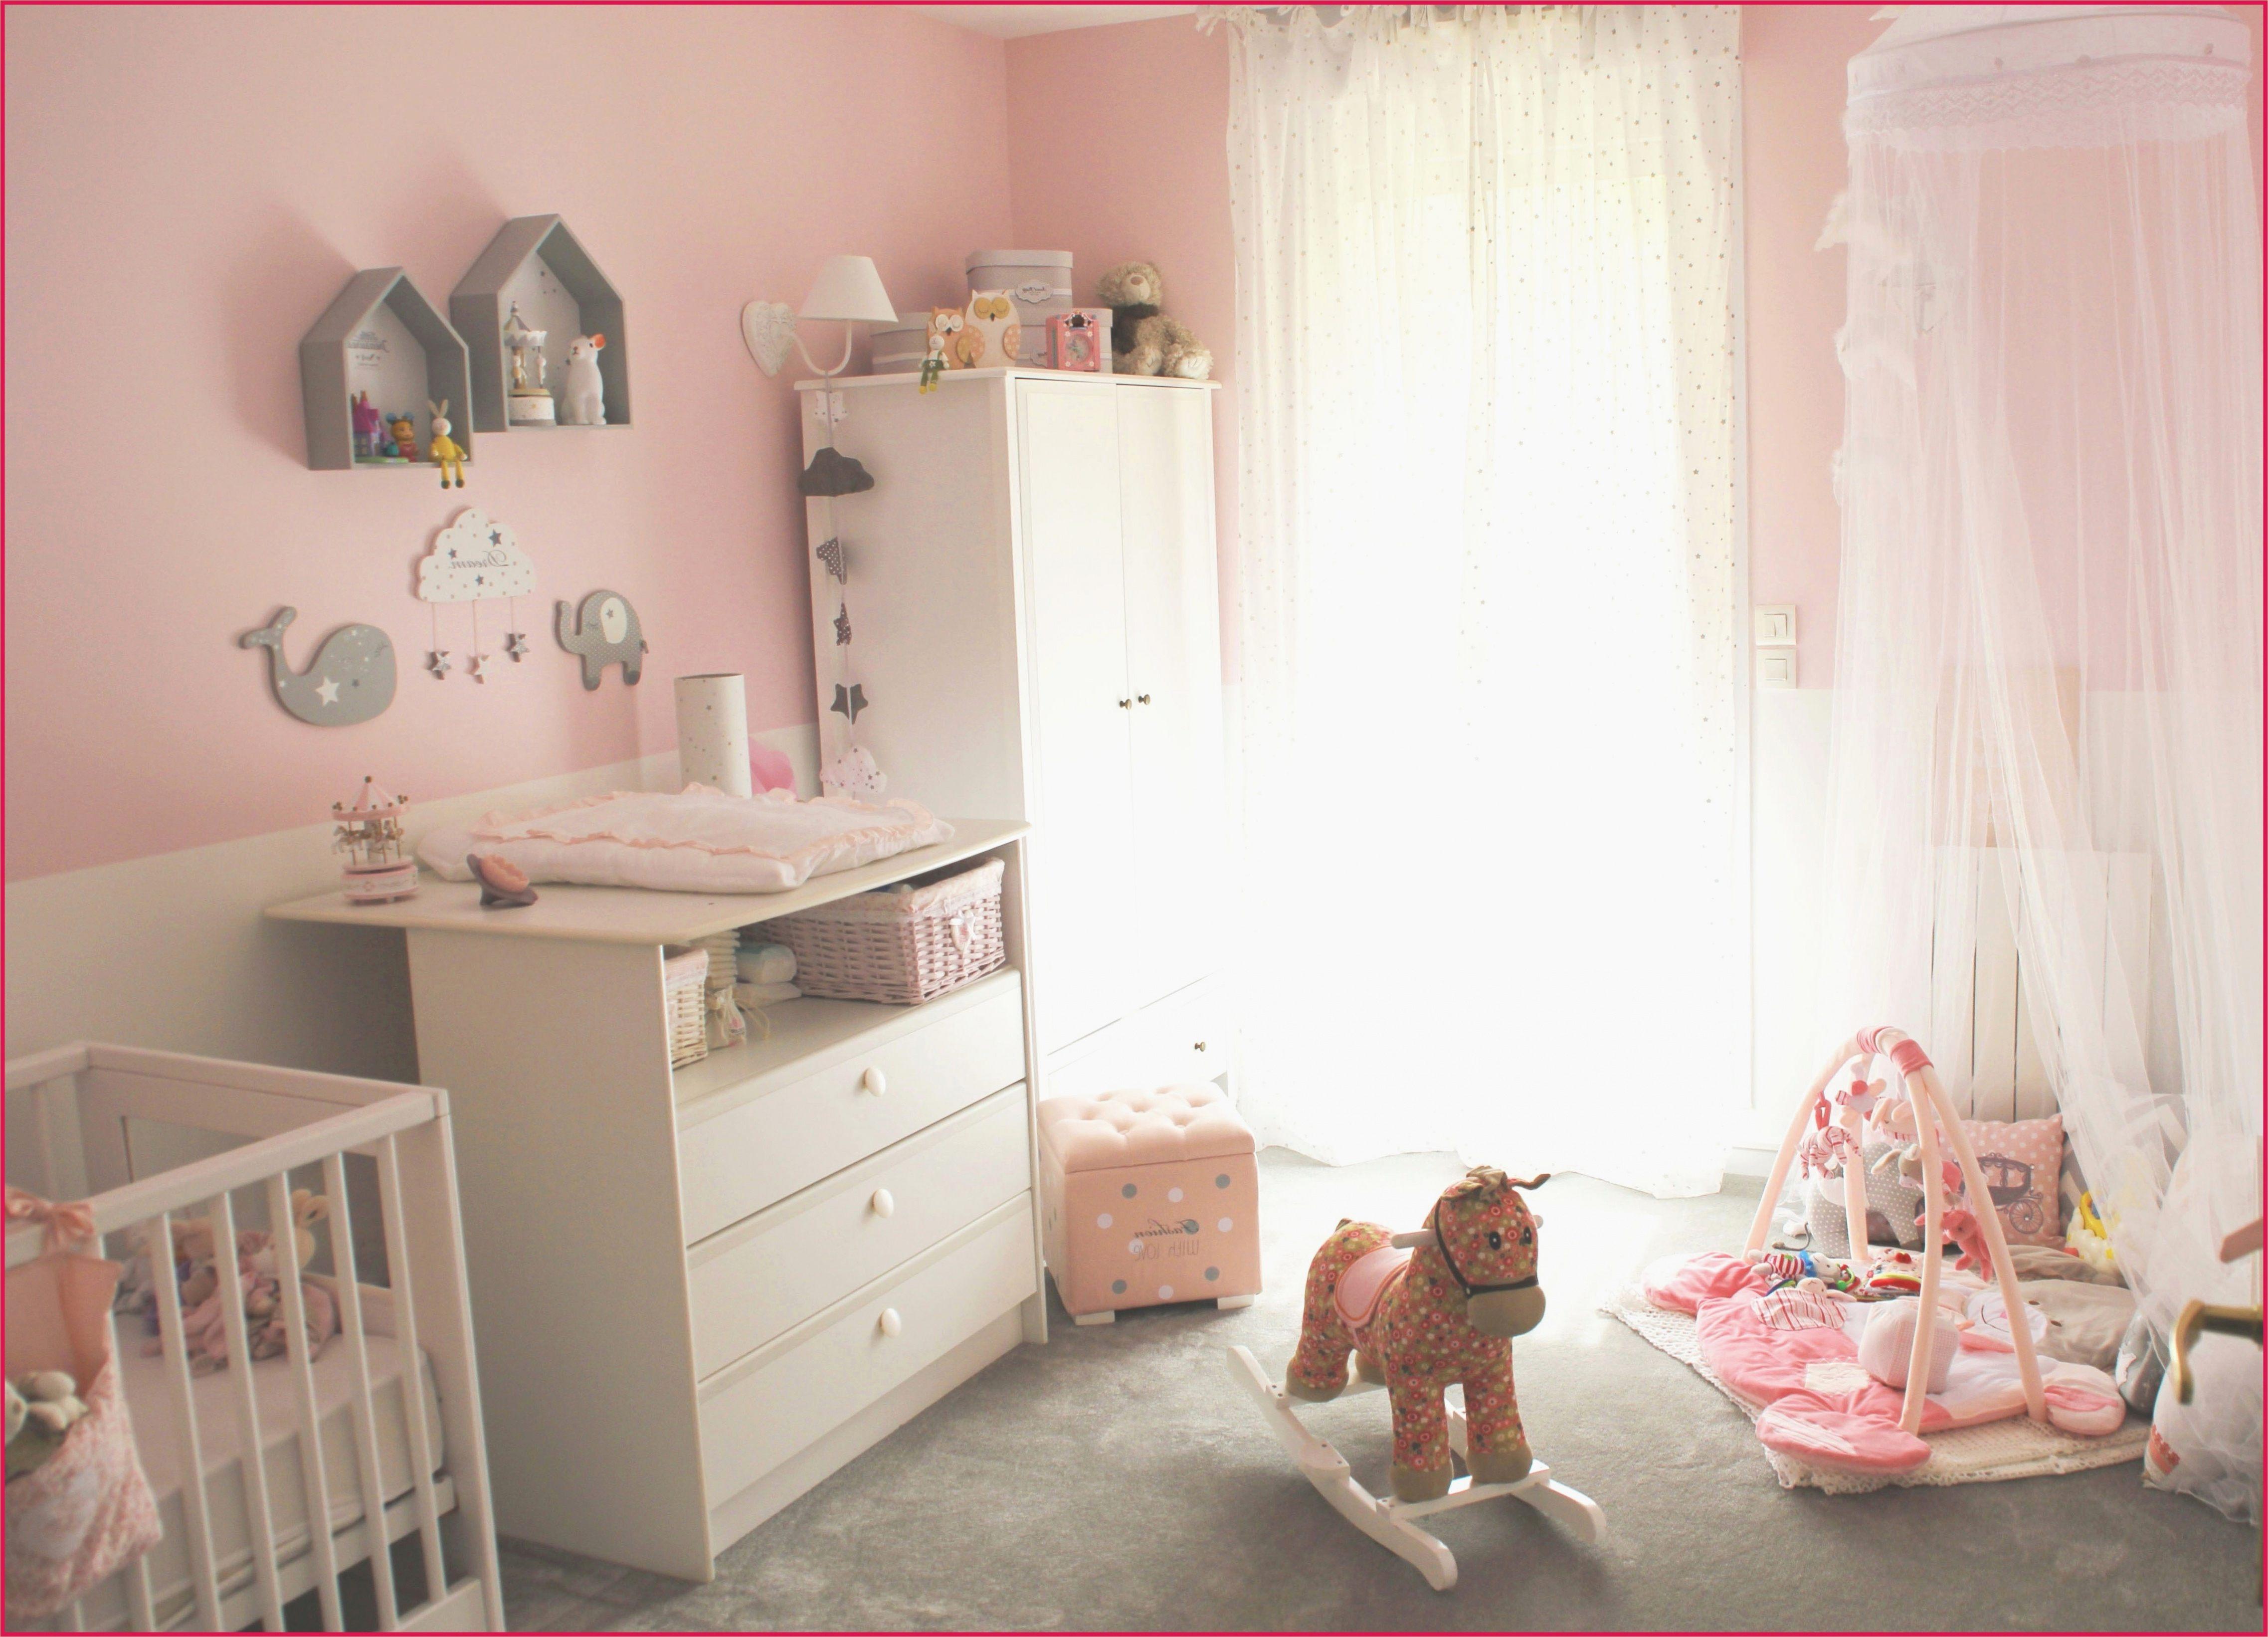 Mobile Lit Bébé Fille Fraîche Chambre Bébé Pas Chere Unique Chambre De Bébé Fille Chambre De Bébé